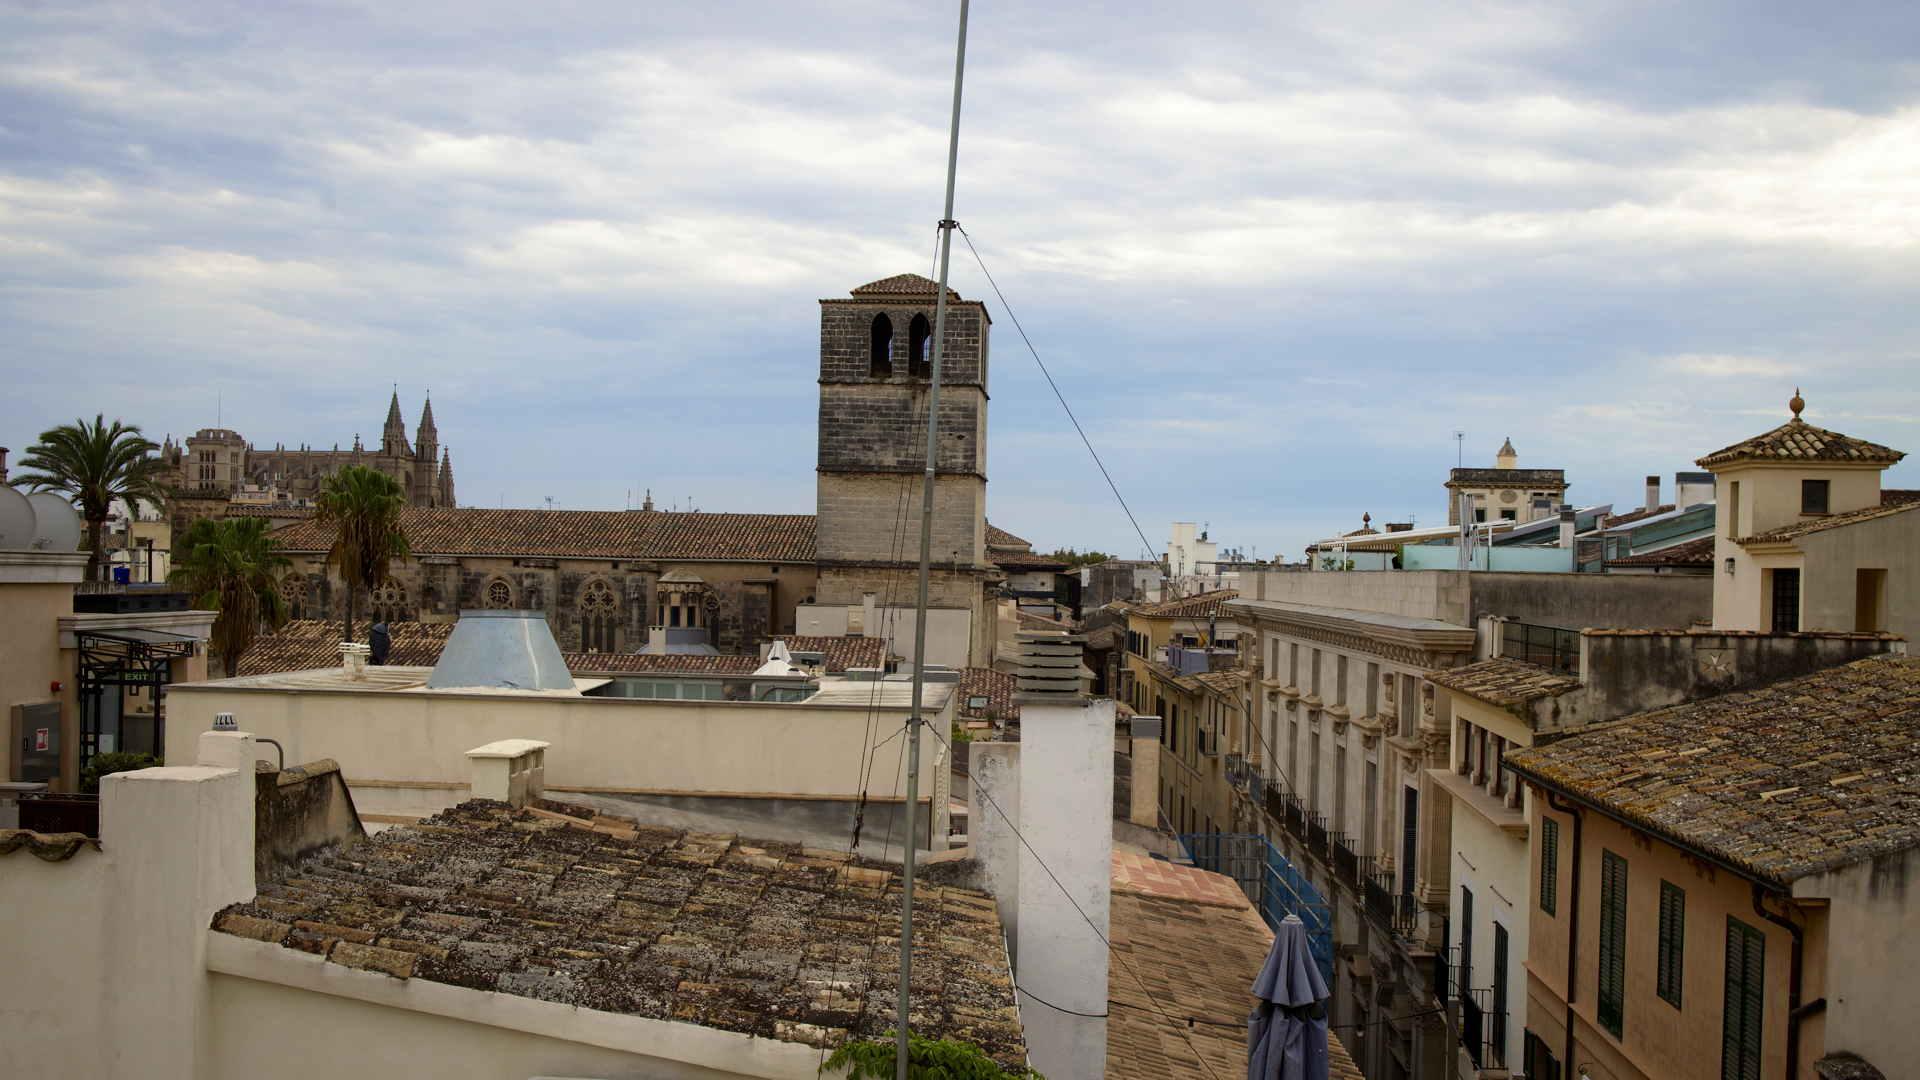 Palma, Dachterrasse mit Blick auf die Kathedrale